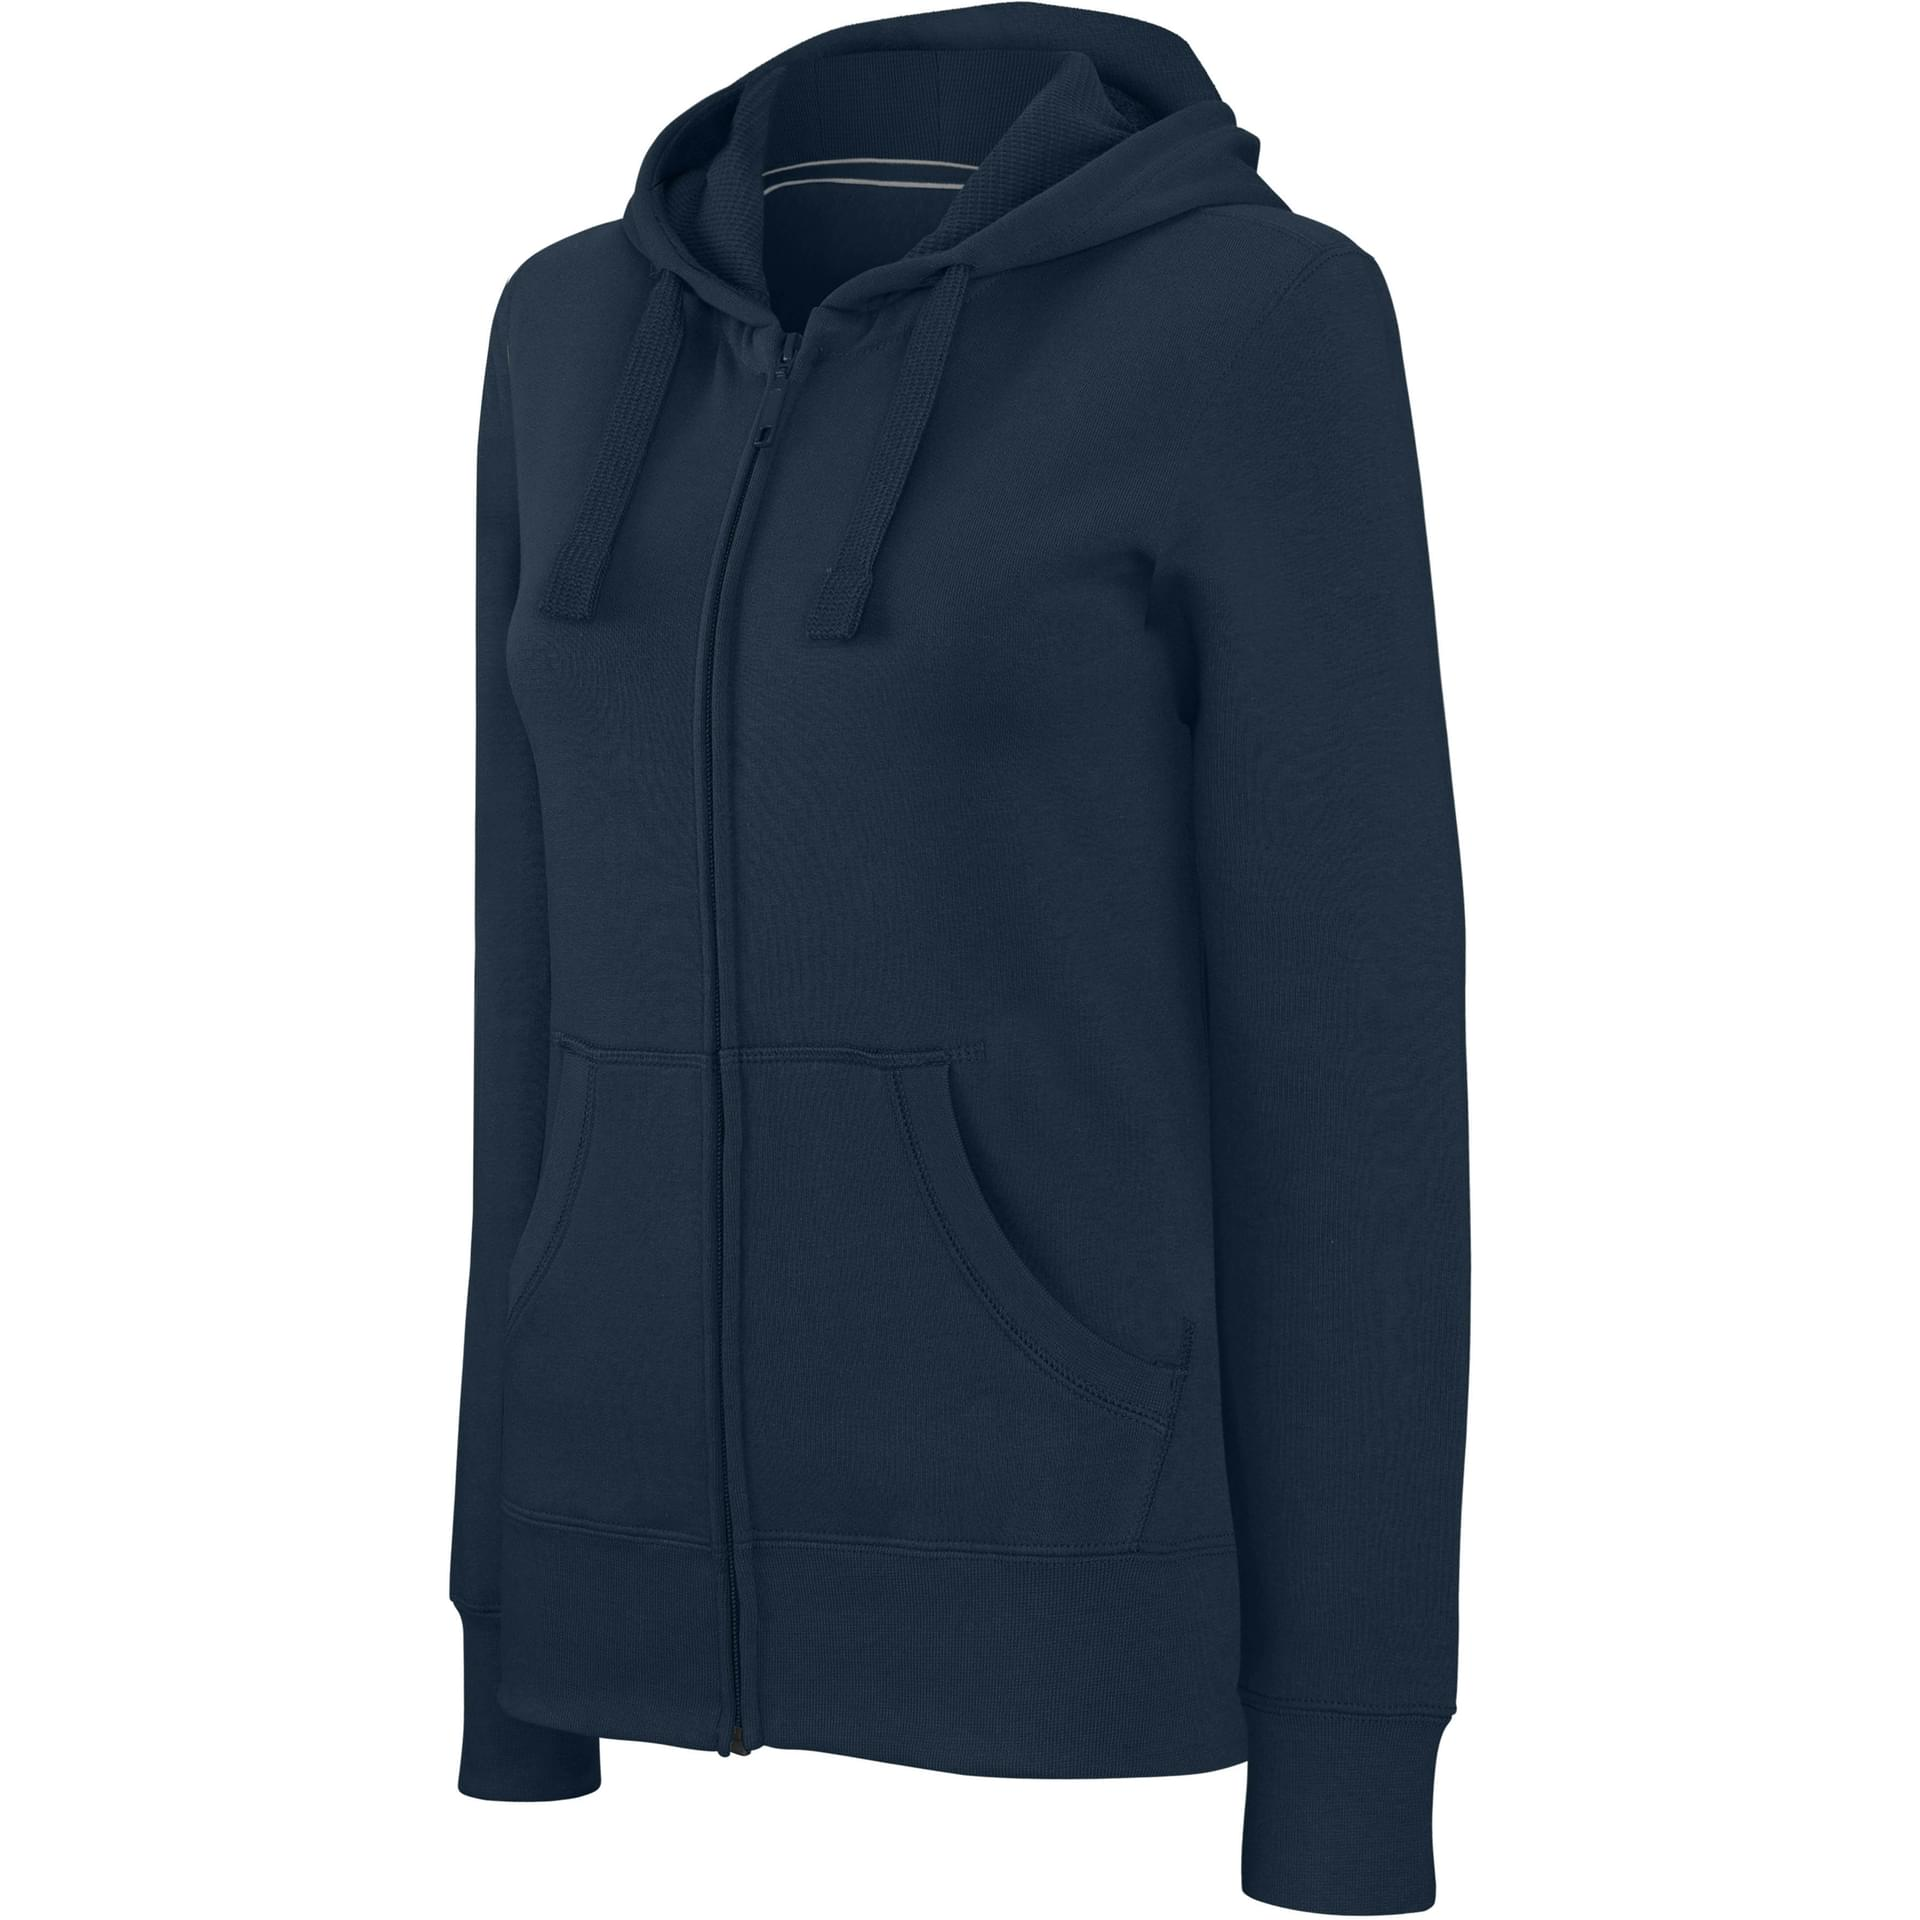 Sweat personnalisé sweat-shirt zippé capuche femme kariban navy cf8e0c798c1